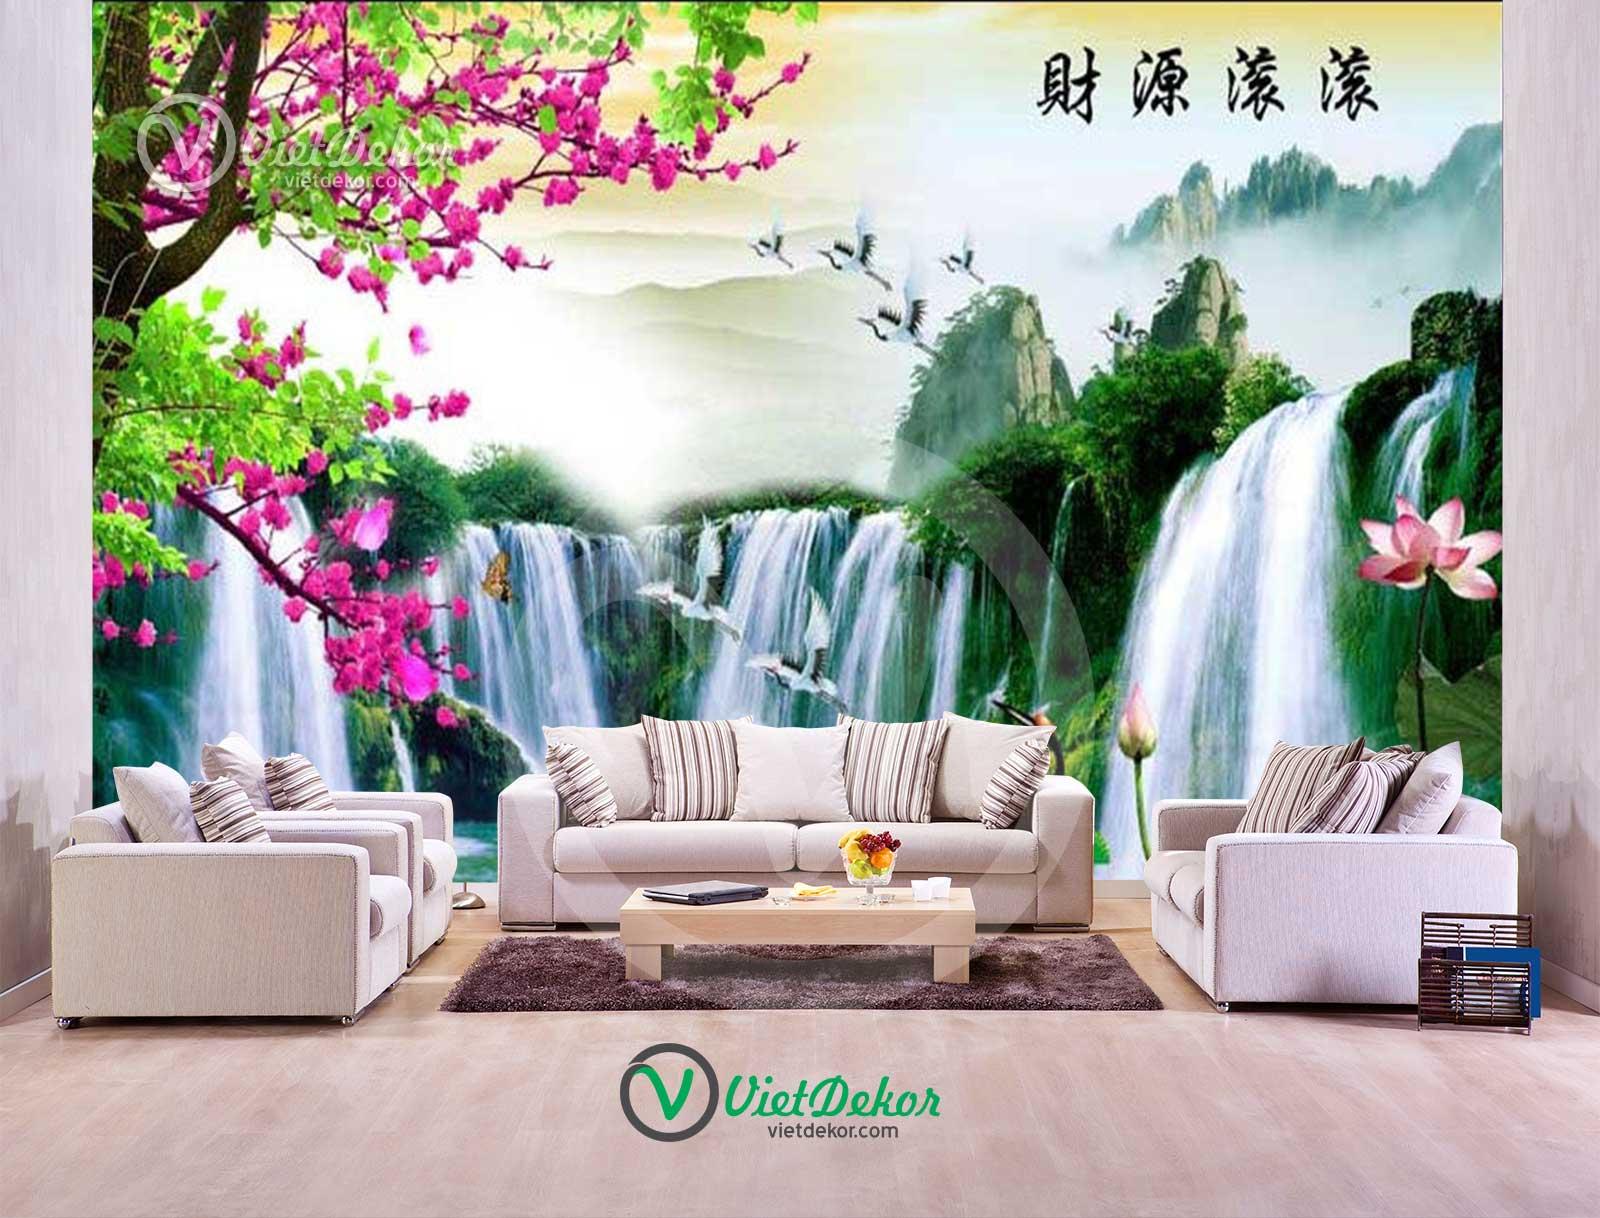 Tranh dán tường 3d thác nước hoa đào